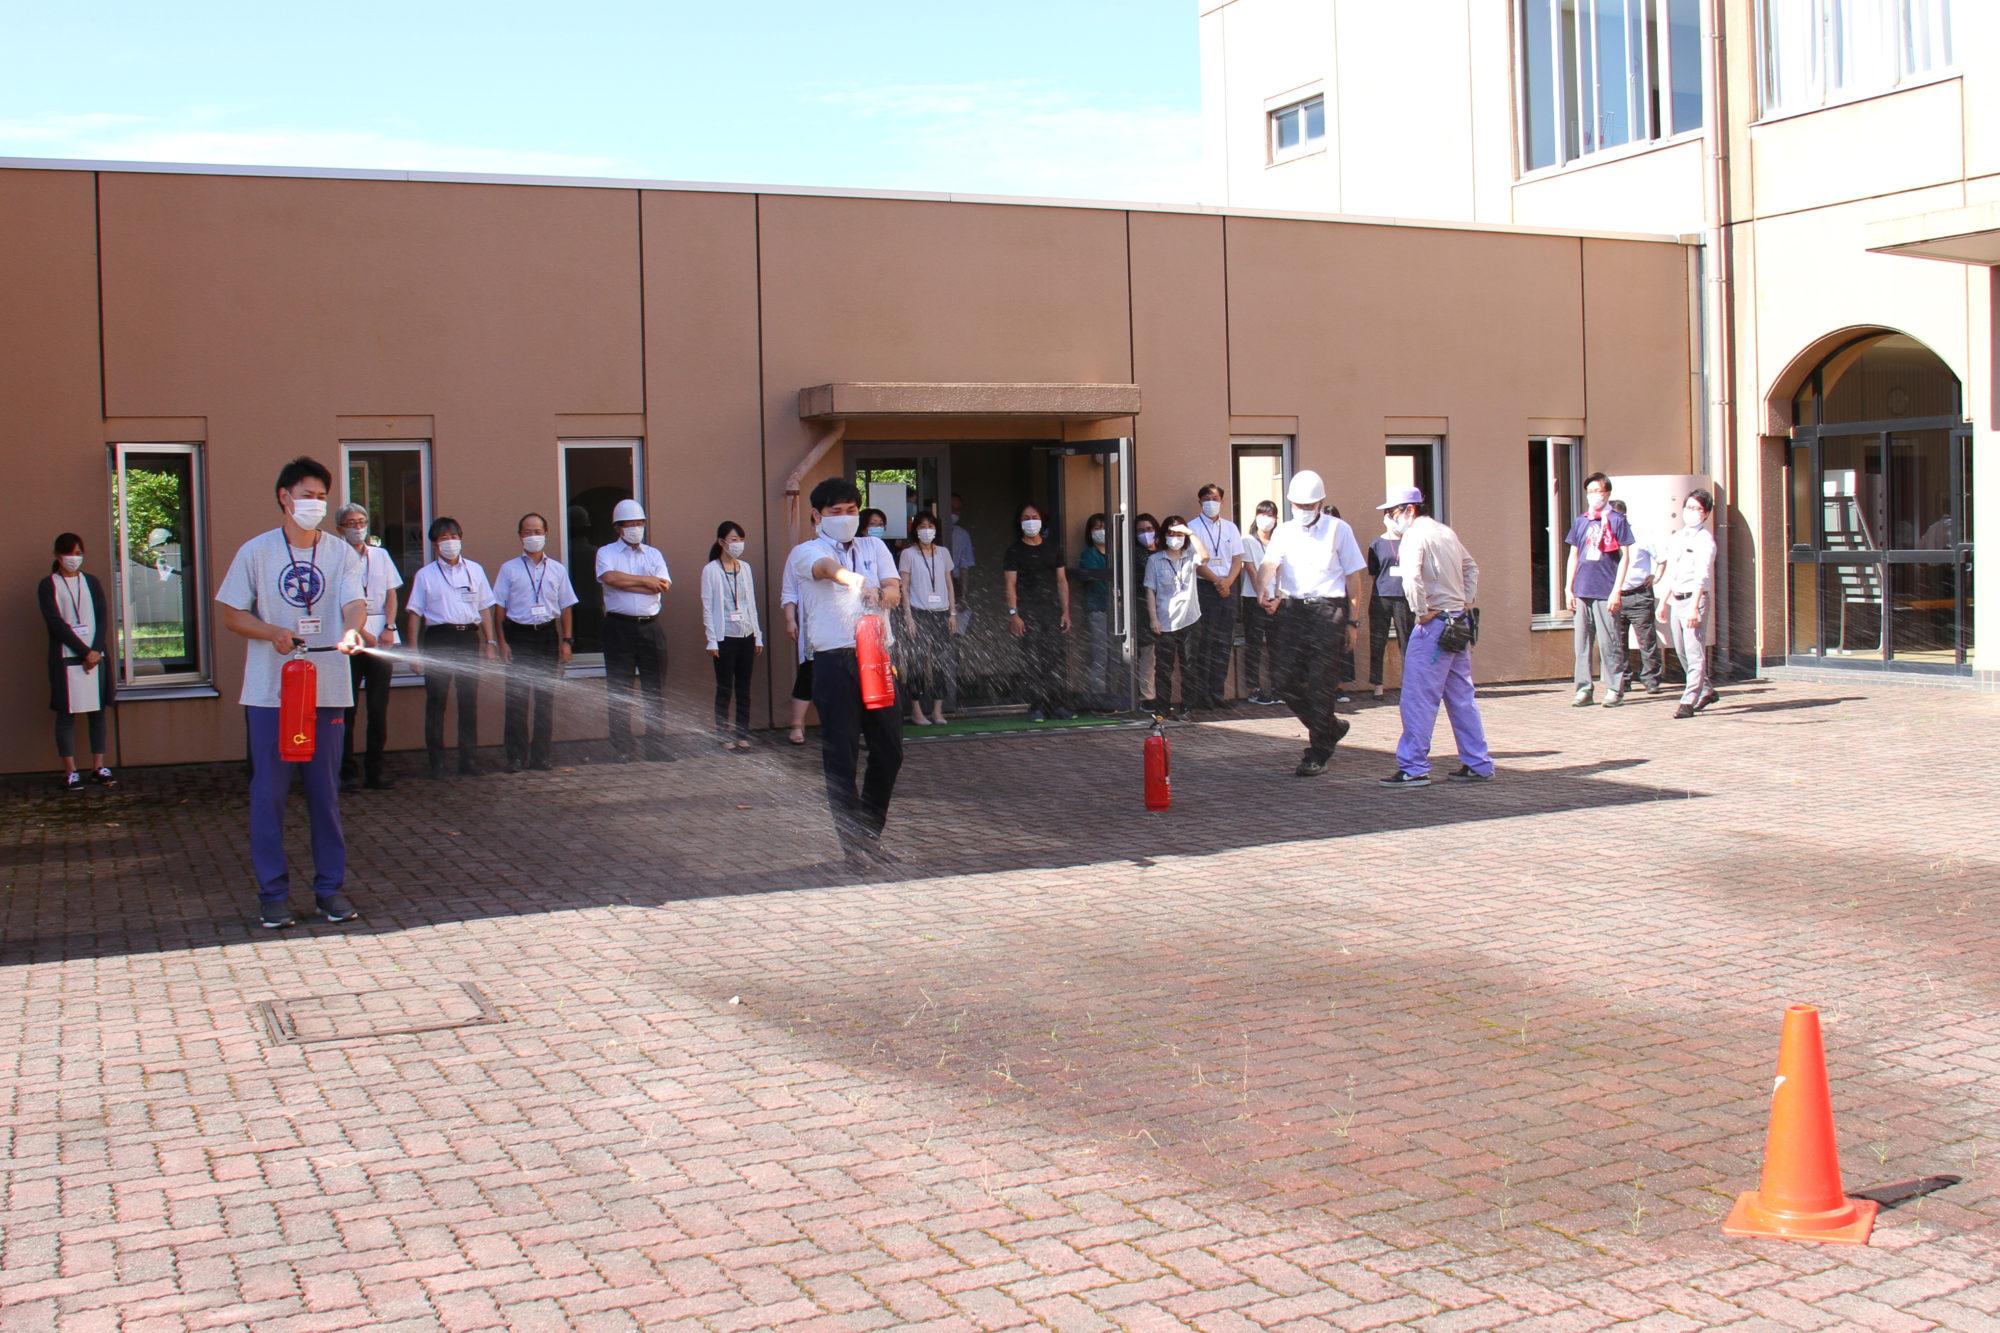 大学内での火災発生を想定した避難・防火訓練を実施しました